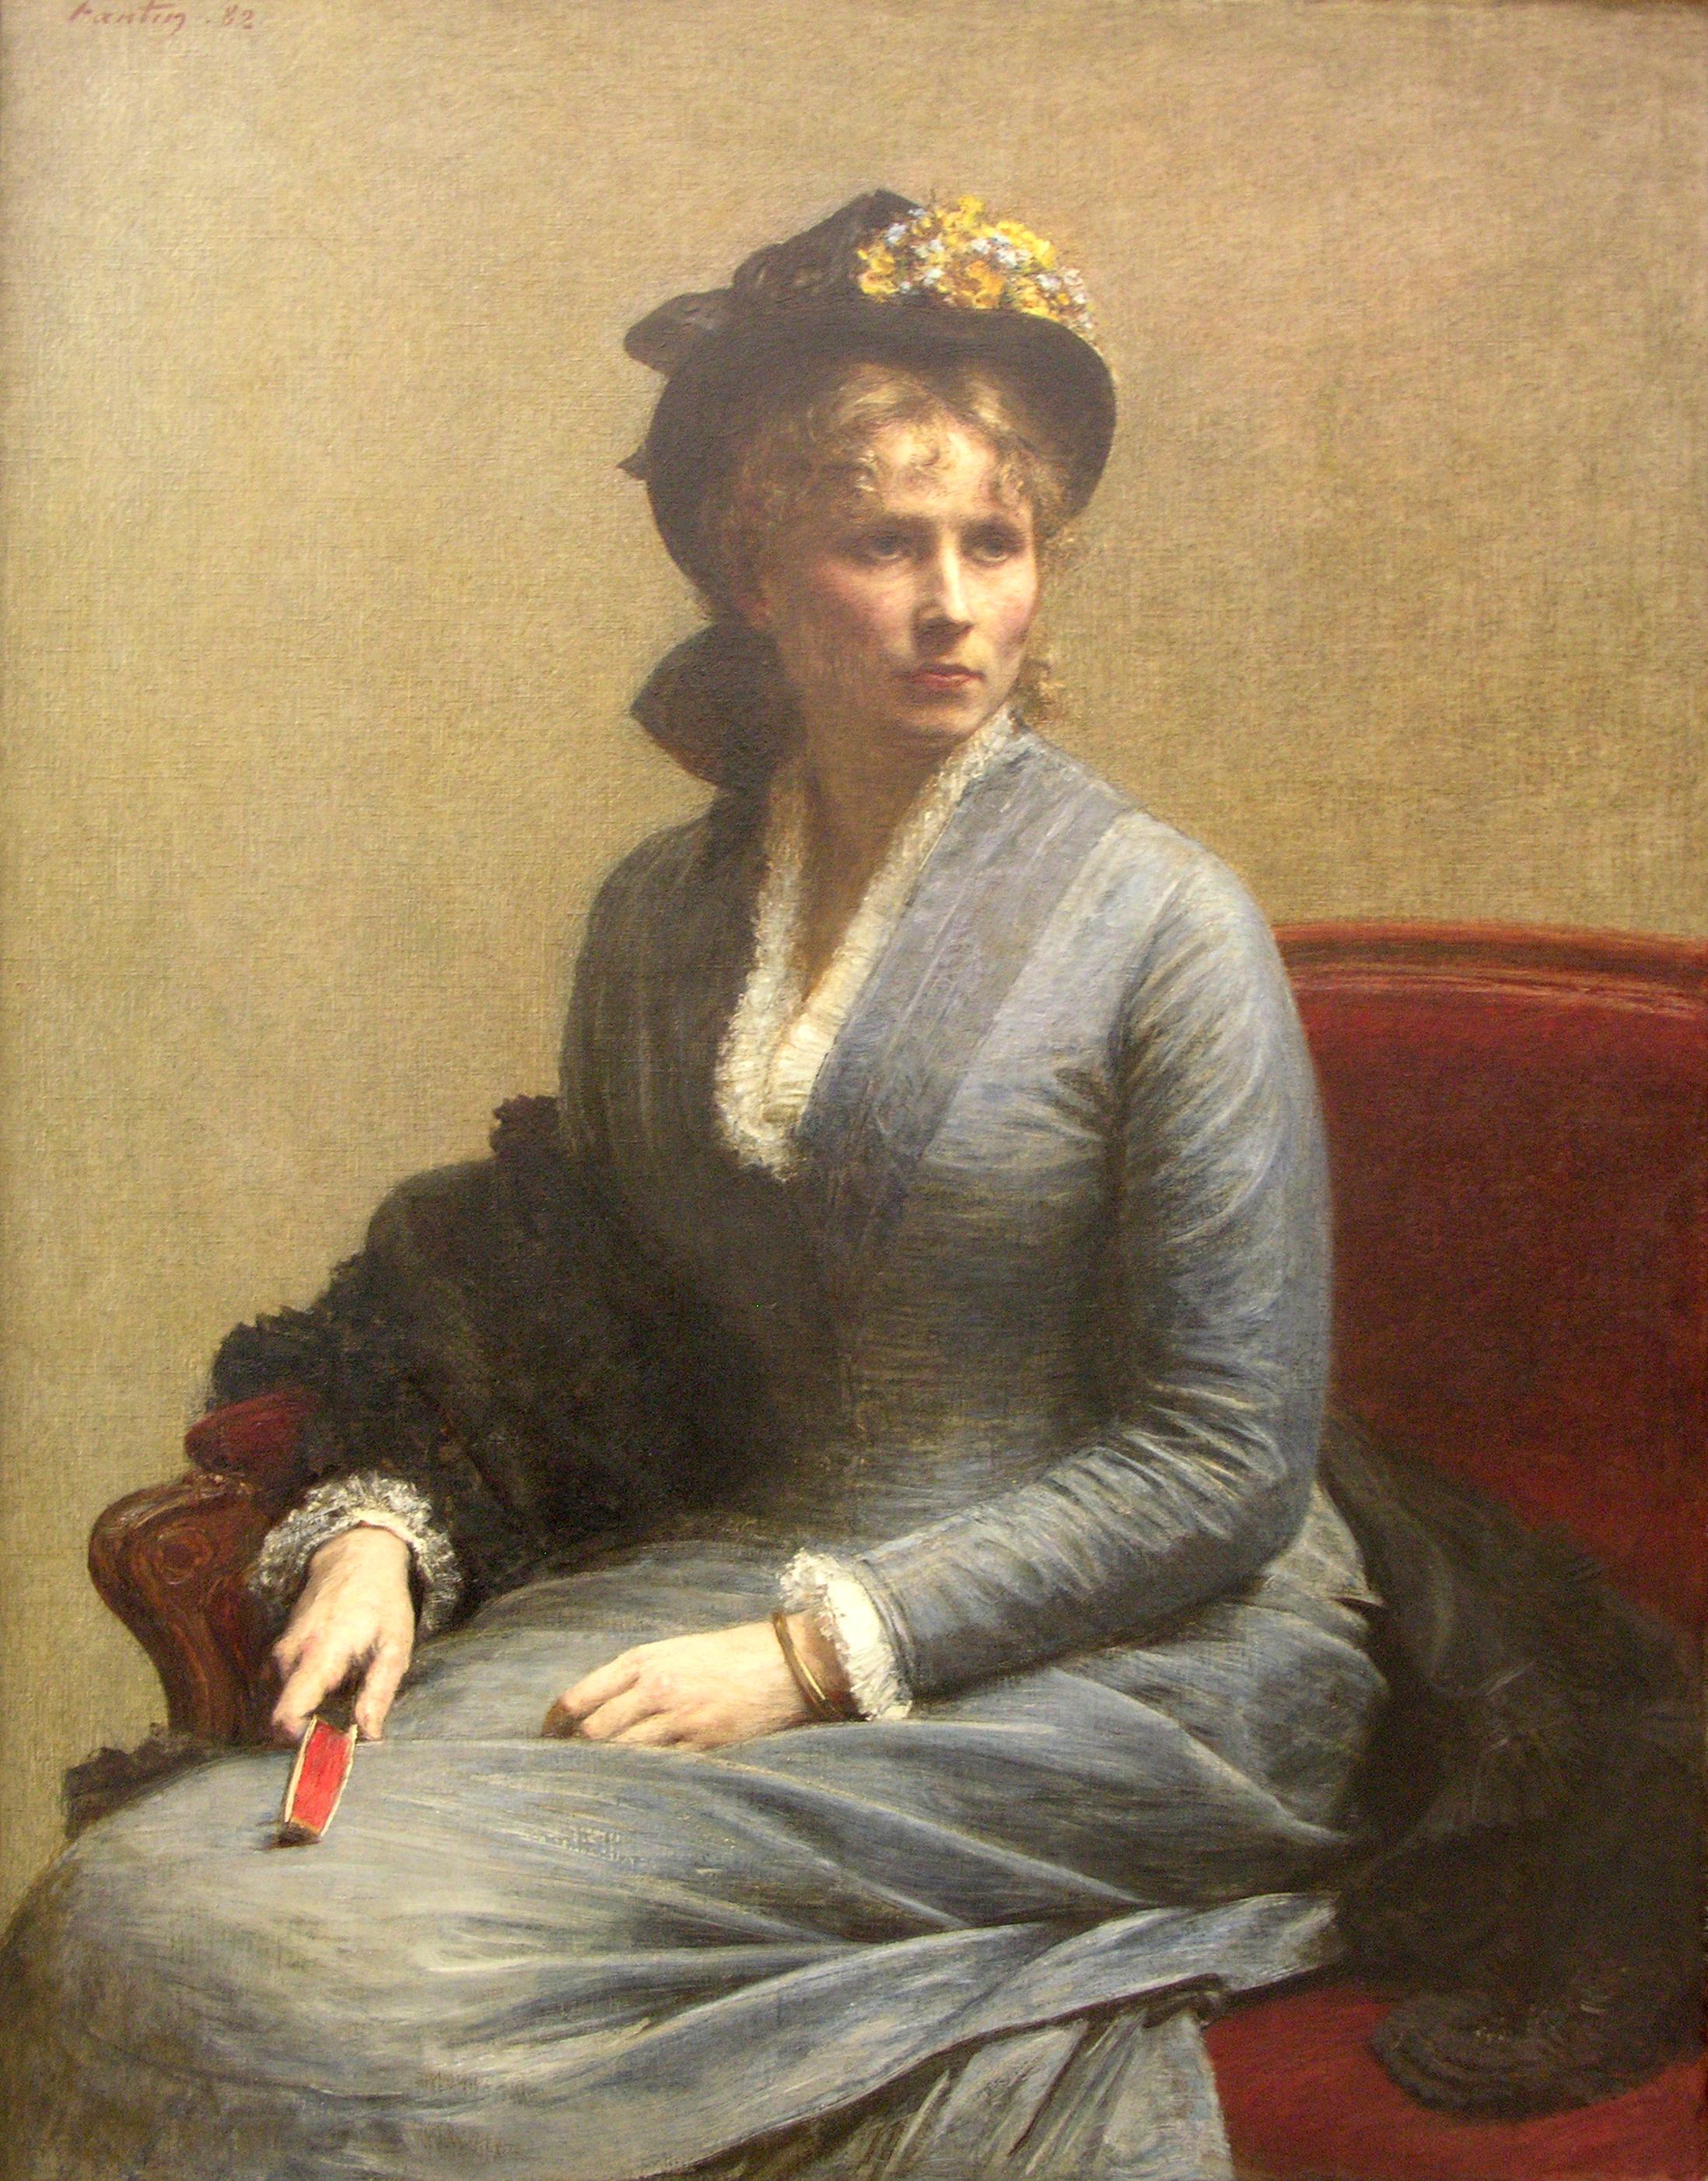 http://uploads3.wikiart.org/images/henri-fantin-latour/charlotte-dubourg-1882.jpg